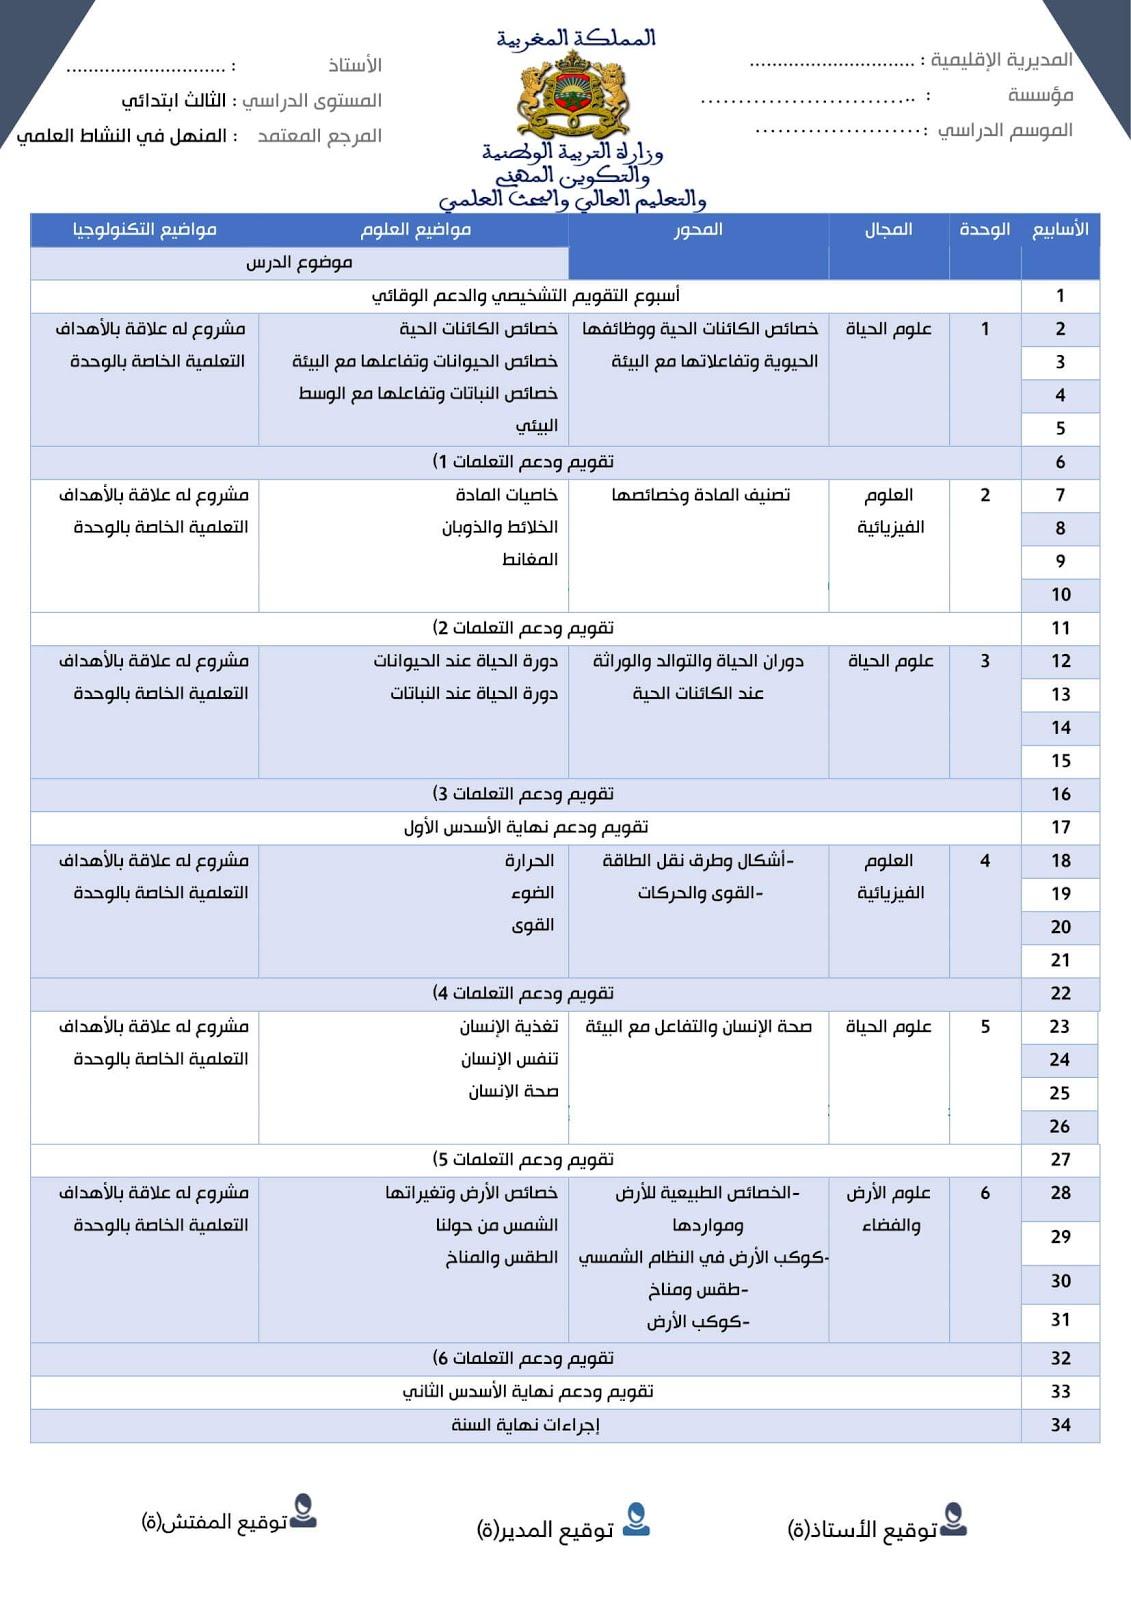 التوزيع السنوي لمنهل النشاط العلمي للمستوى الثالث ابتدائي، المنهاج المنقح